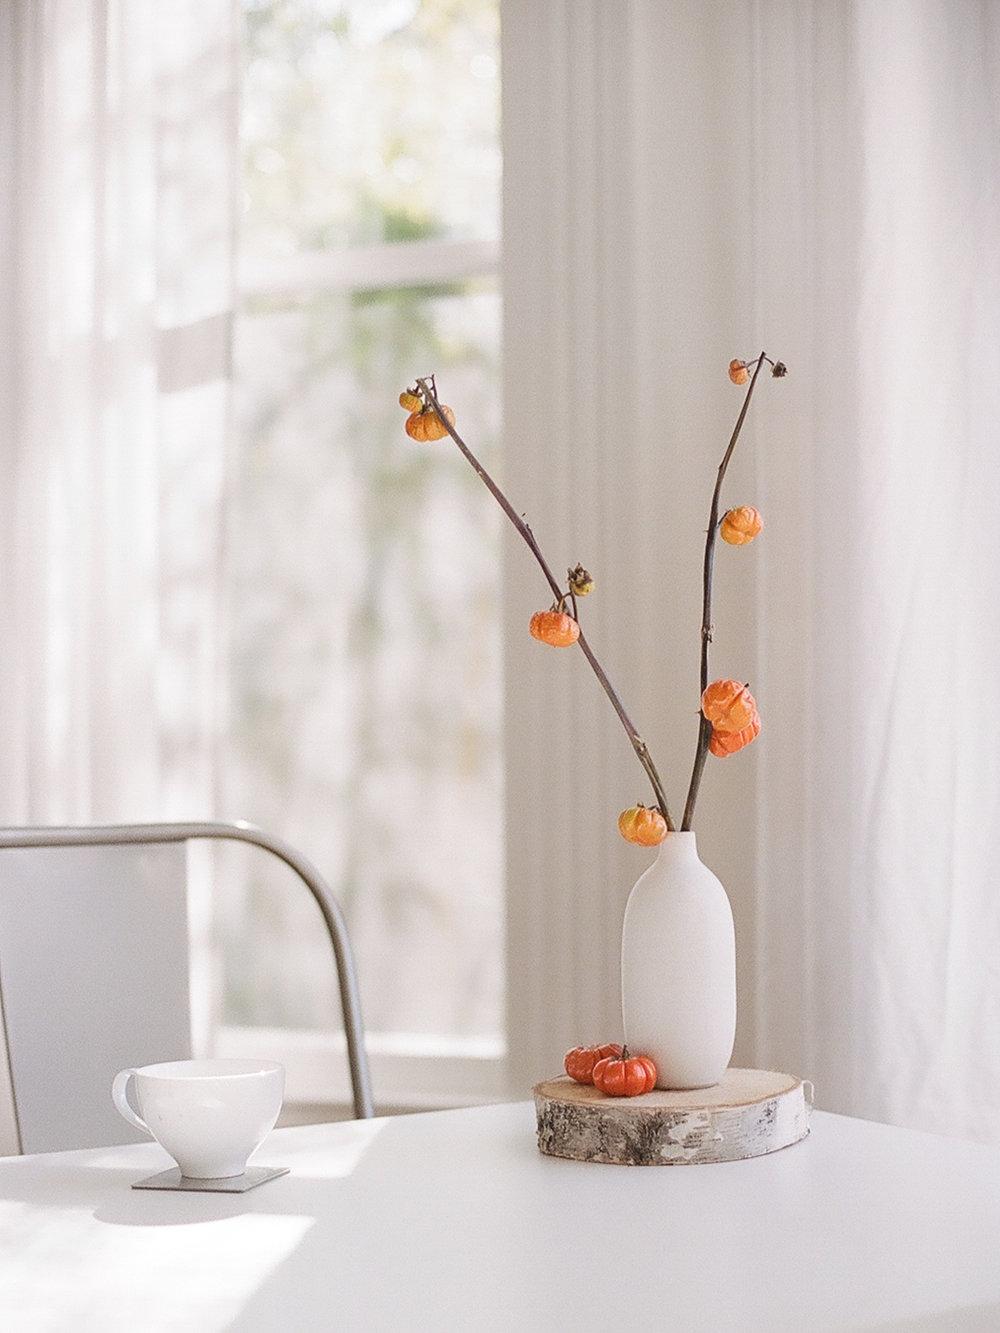 radostina_boseva_magnolia_rouge_27_my_favorite_image.jpg